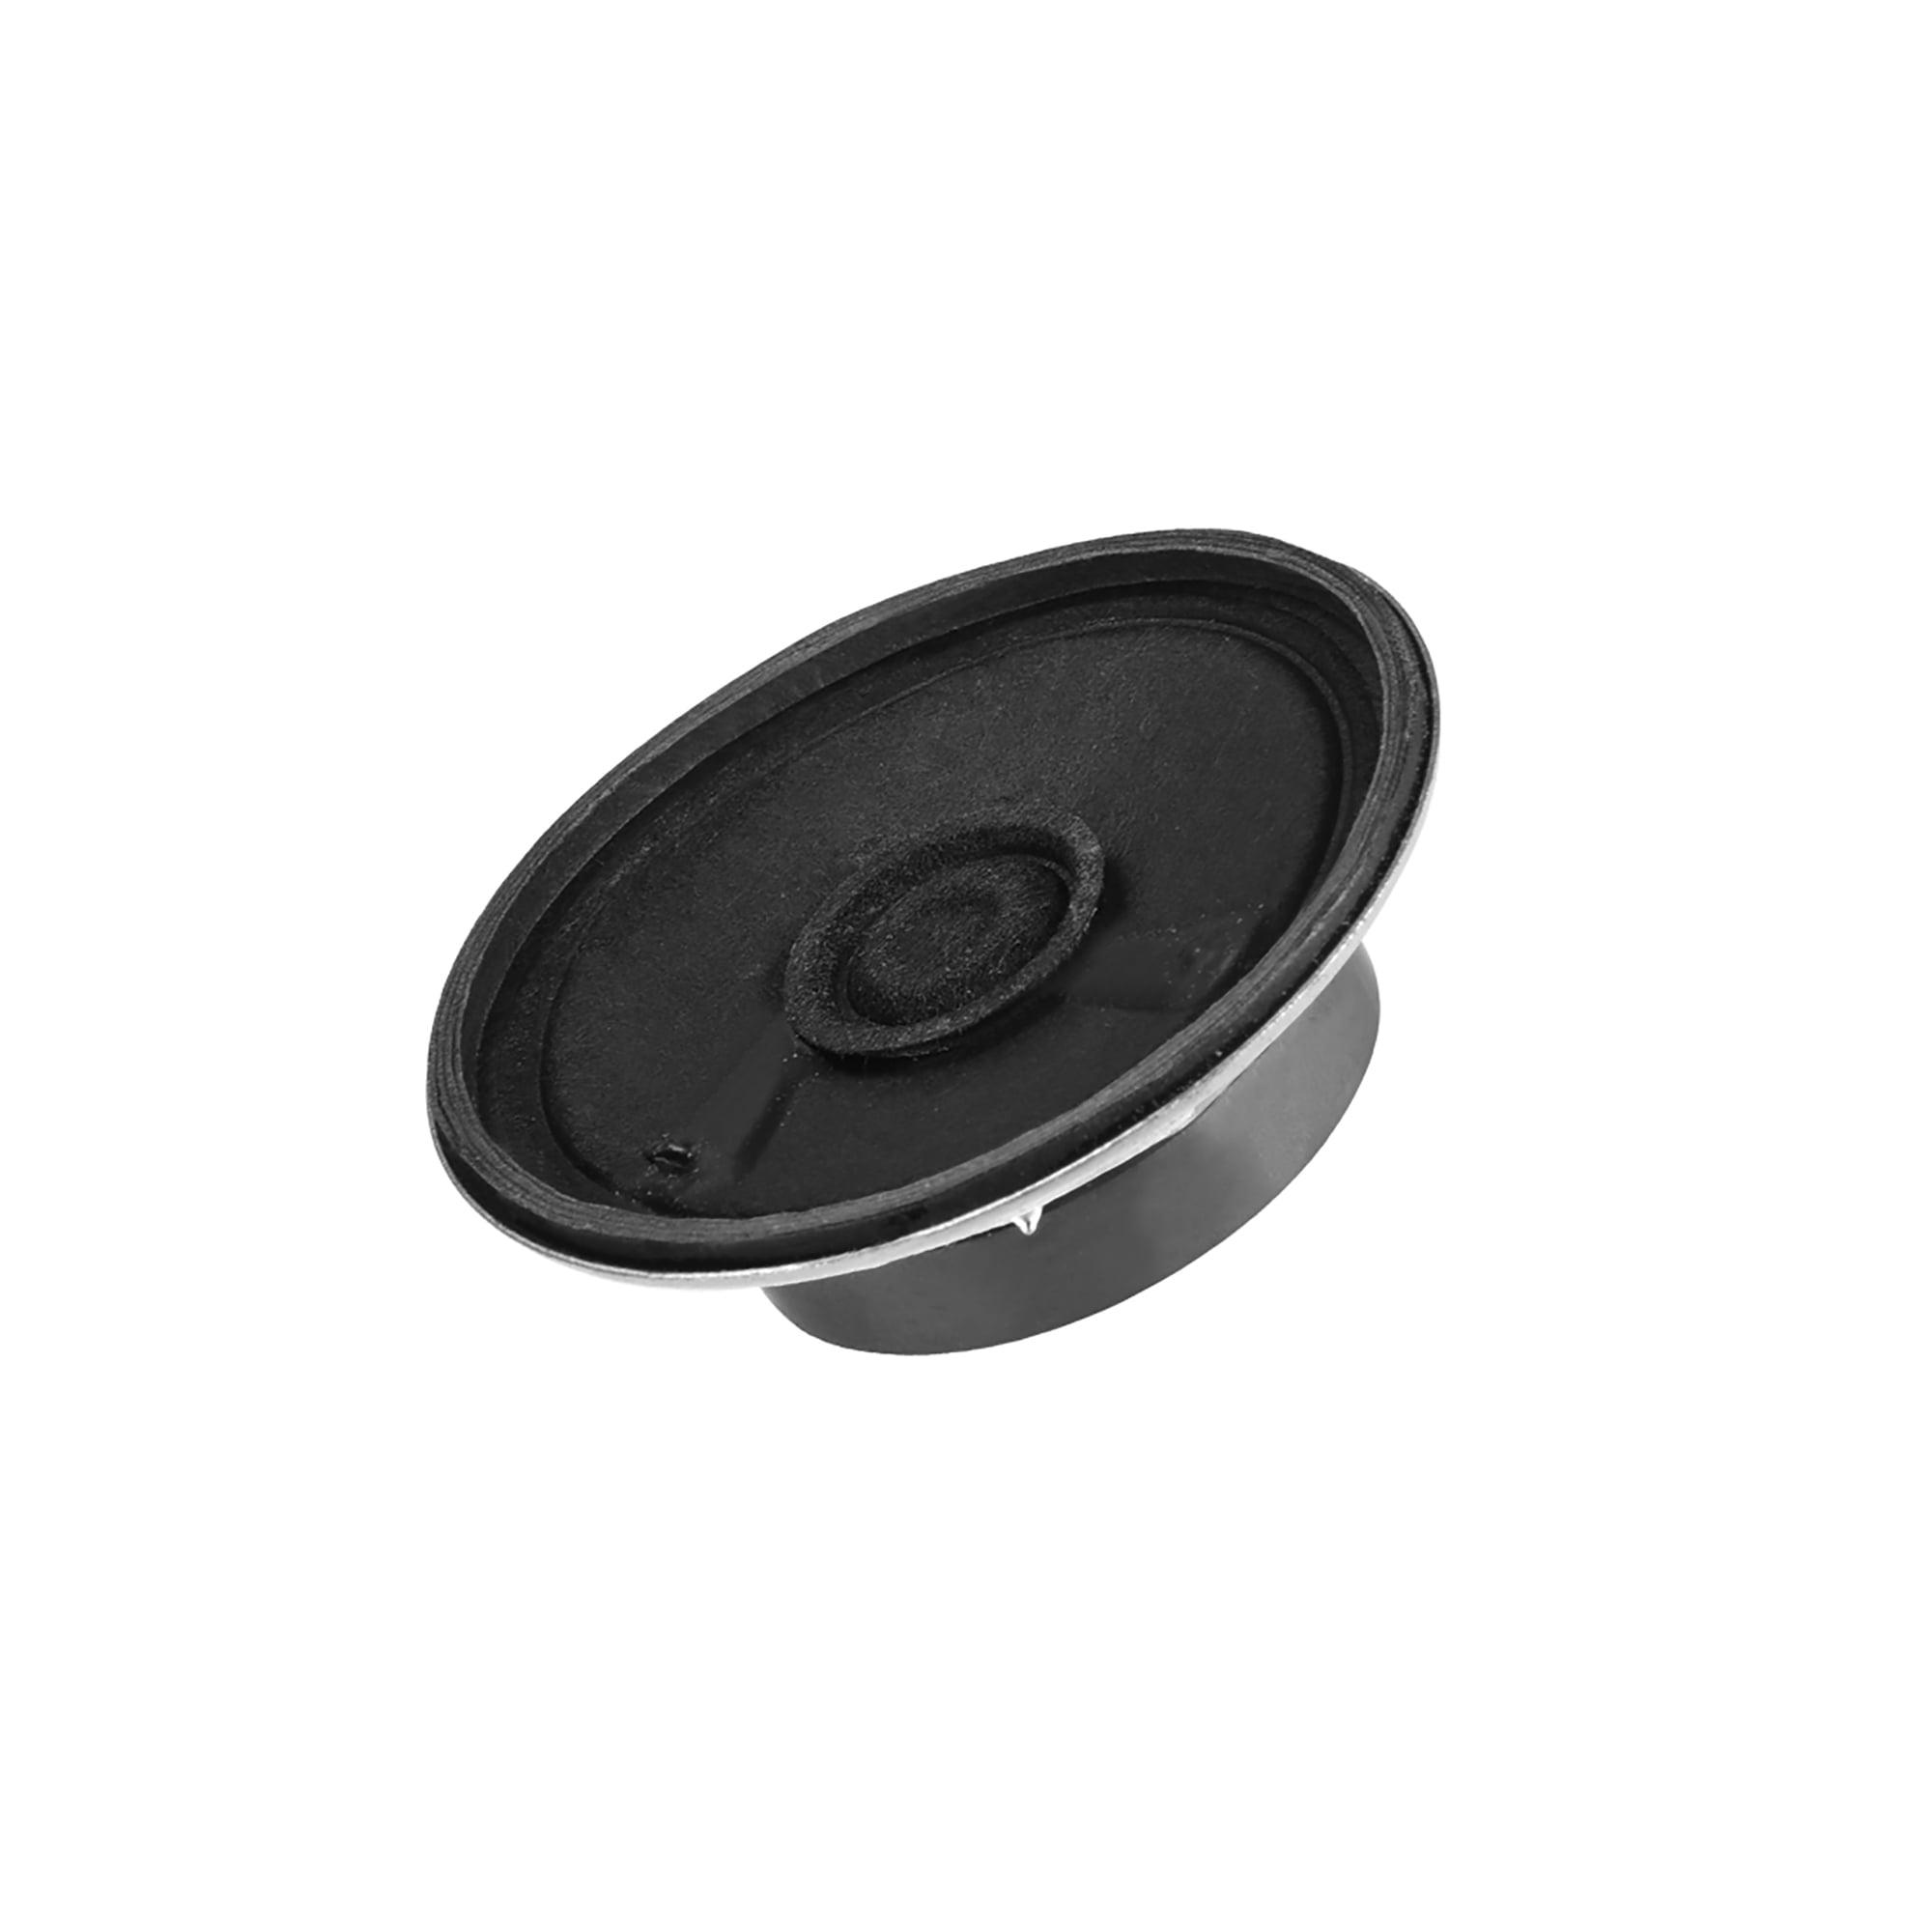 0.5W 8 Ohm Audio Speaker 50 mm / 1.97 Inch Round